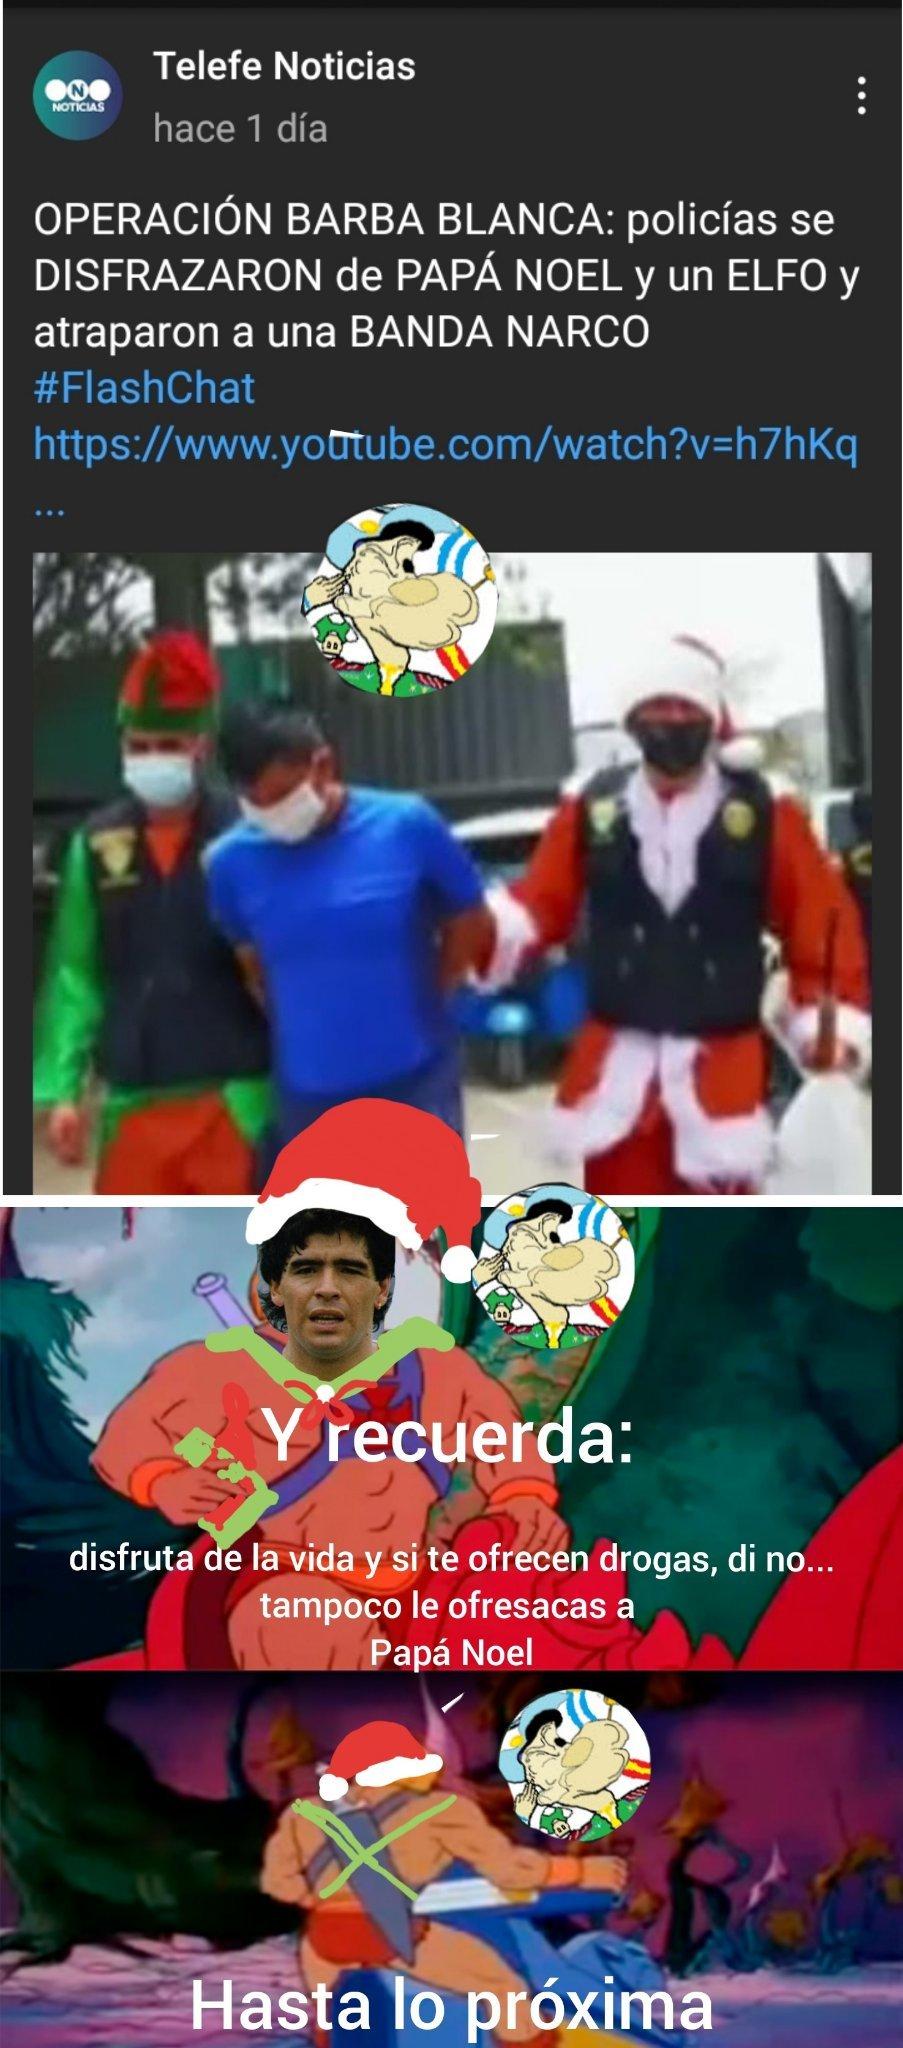 No a las drogas by Dieguito Maradona.......... por fa aceptenlo - meme